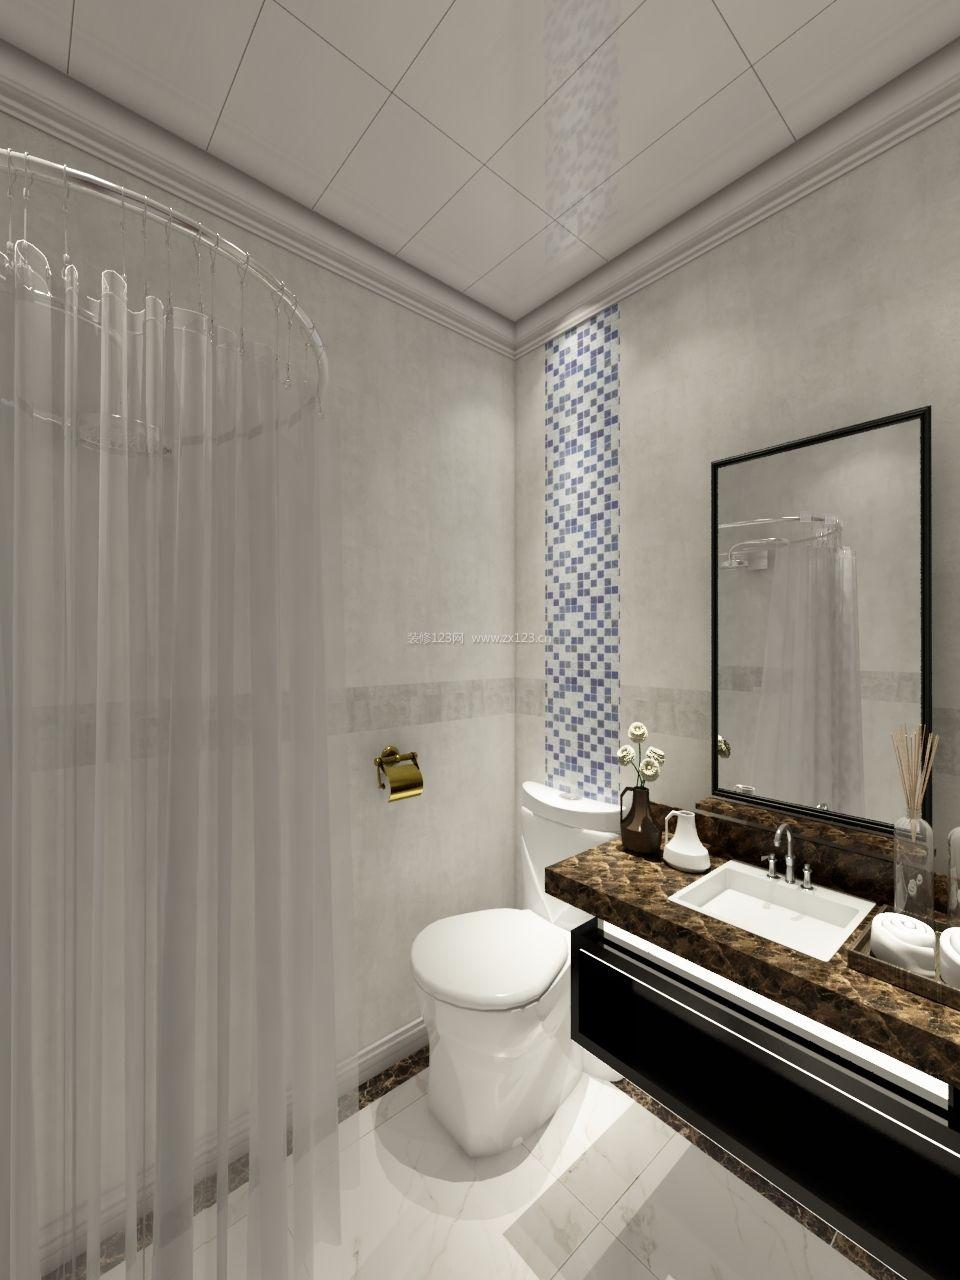 2017主卧室卫生间圆形浴帘装修效果图片